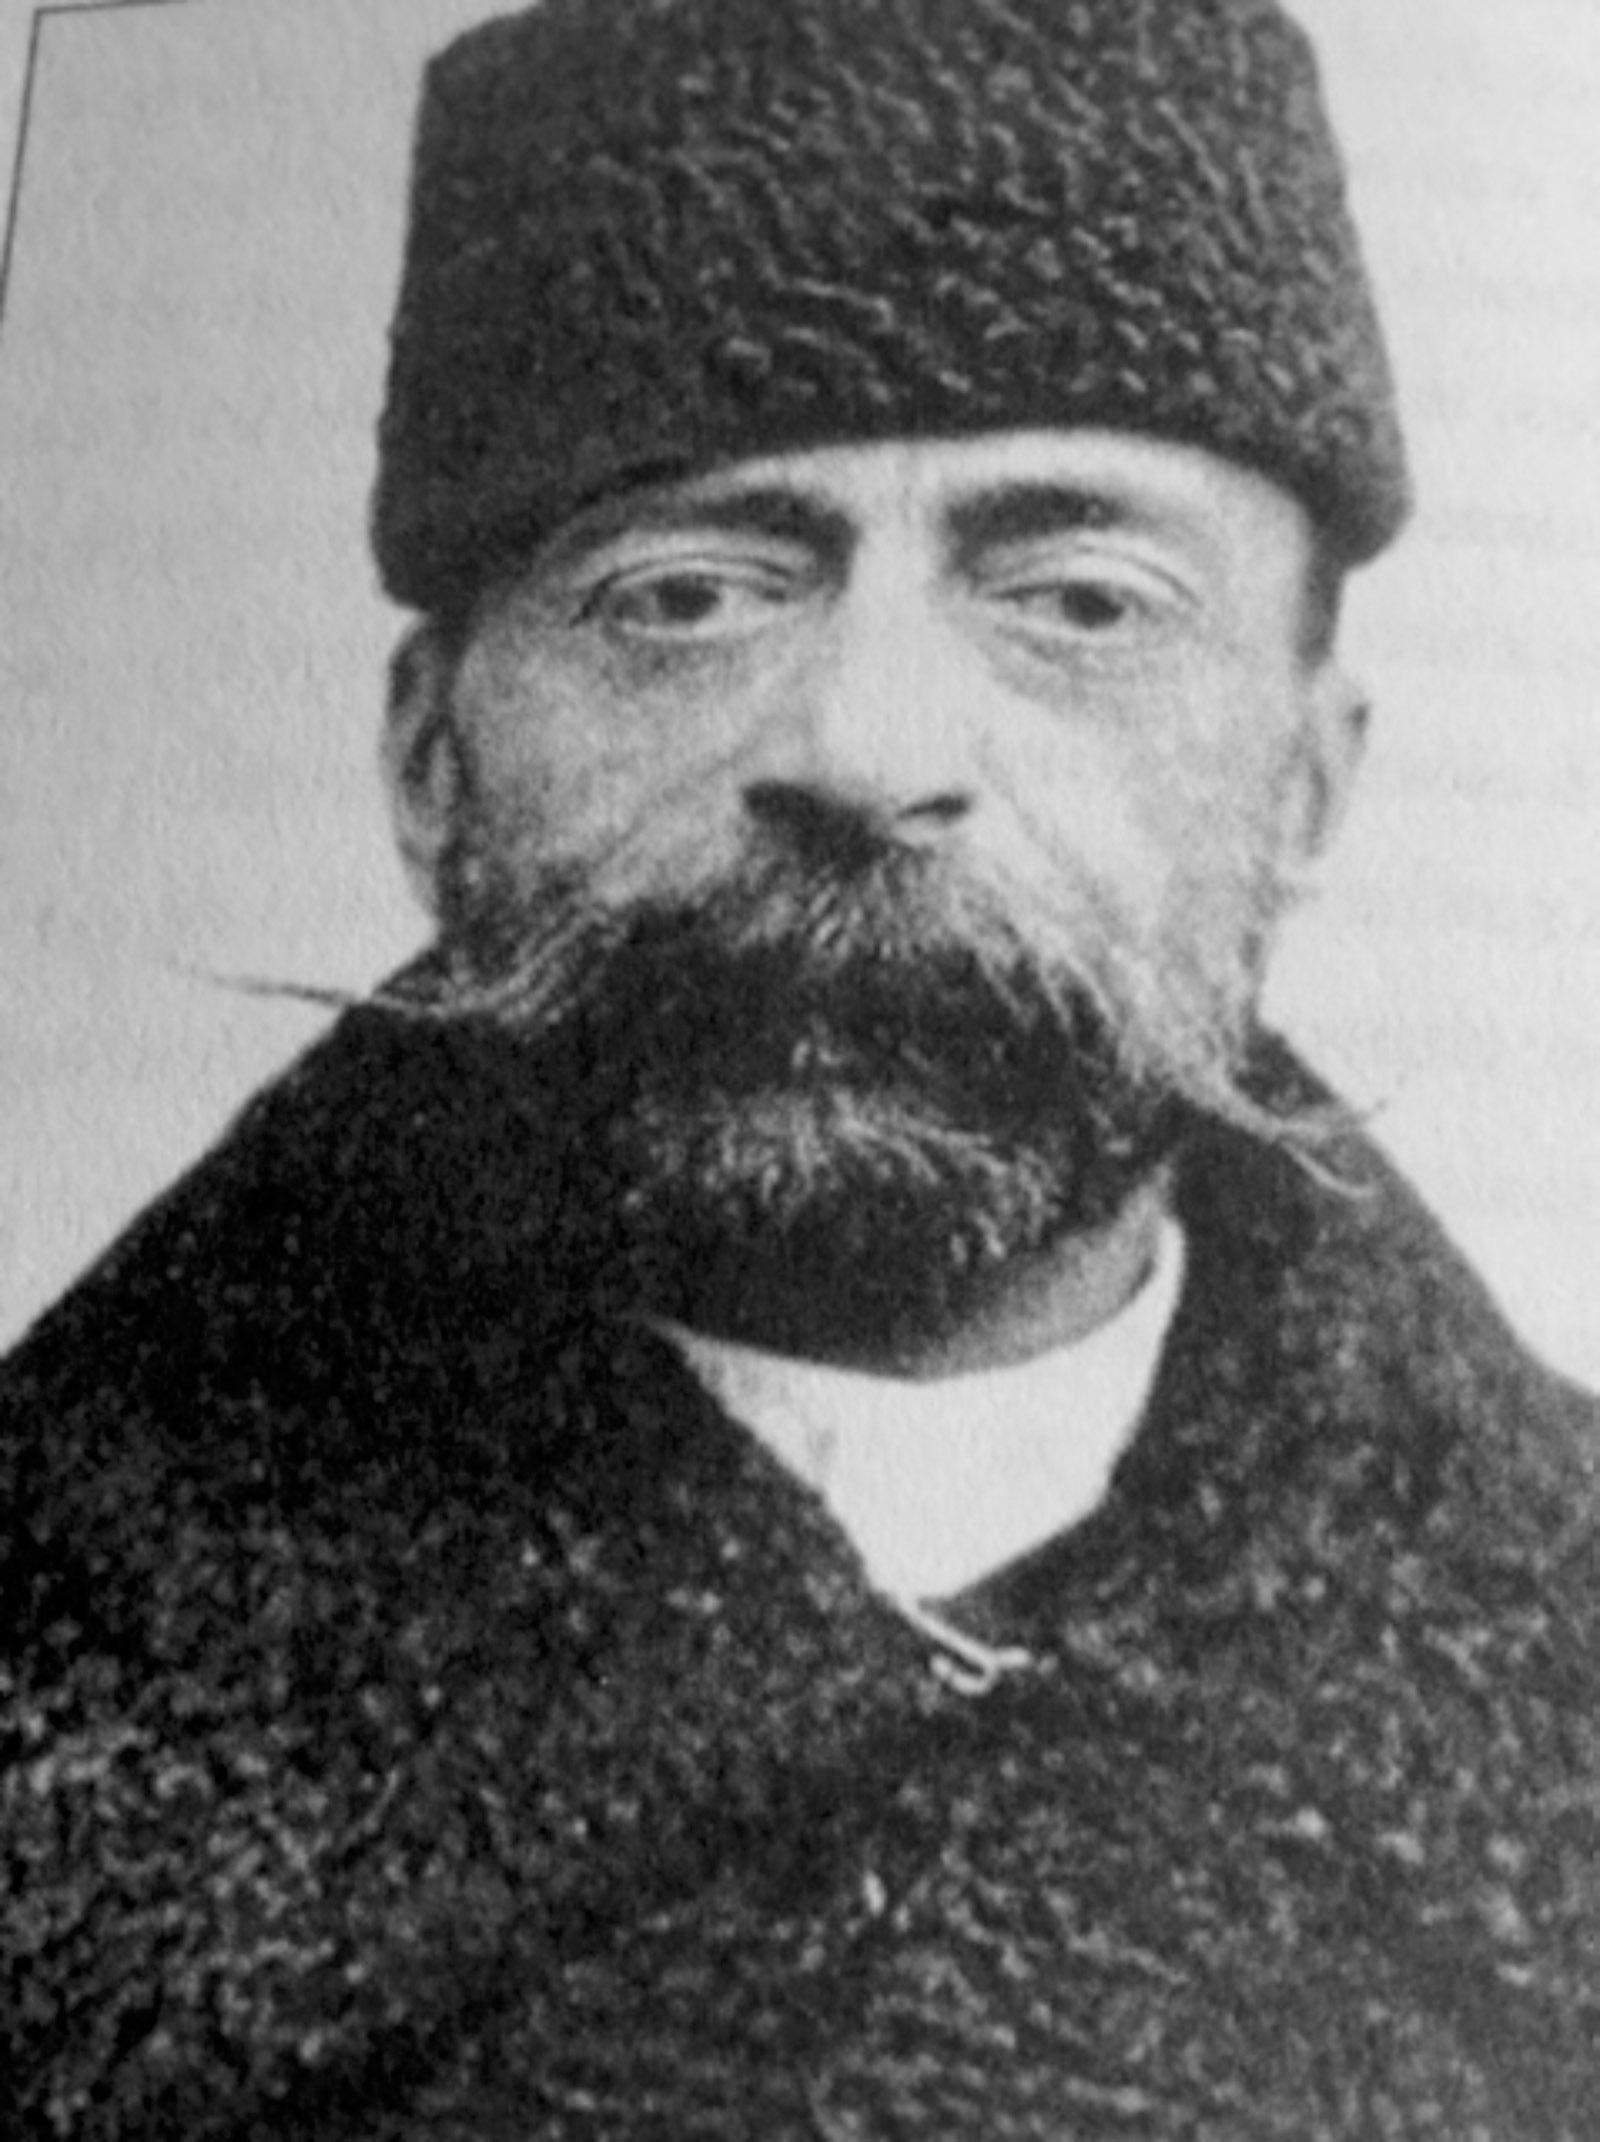 Pavel Krushevan, 1900